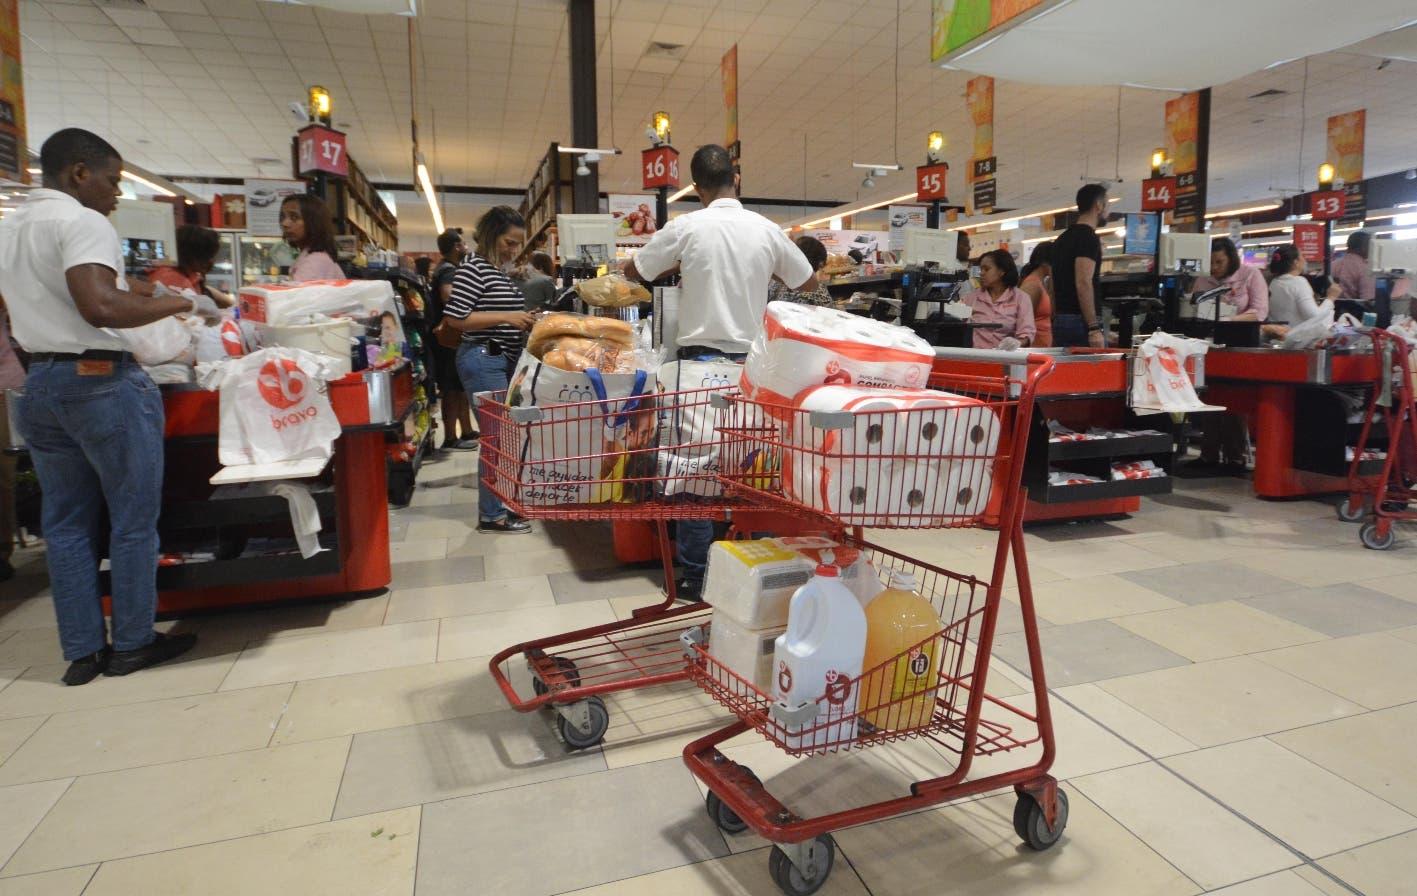 Danilo Medina: Suspensión de actividades comerciales por coronavirus exceptúan colmados y supermercados